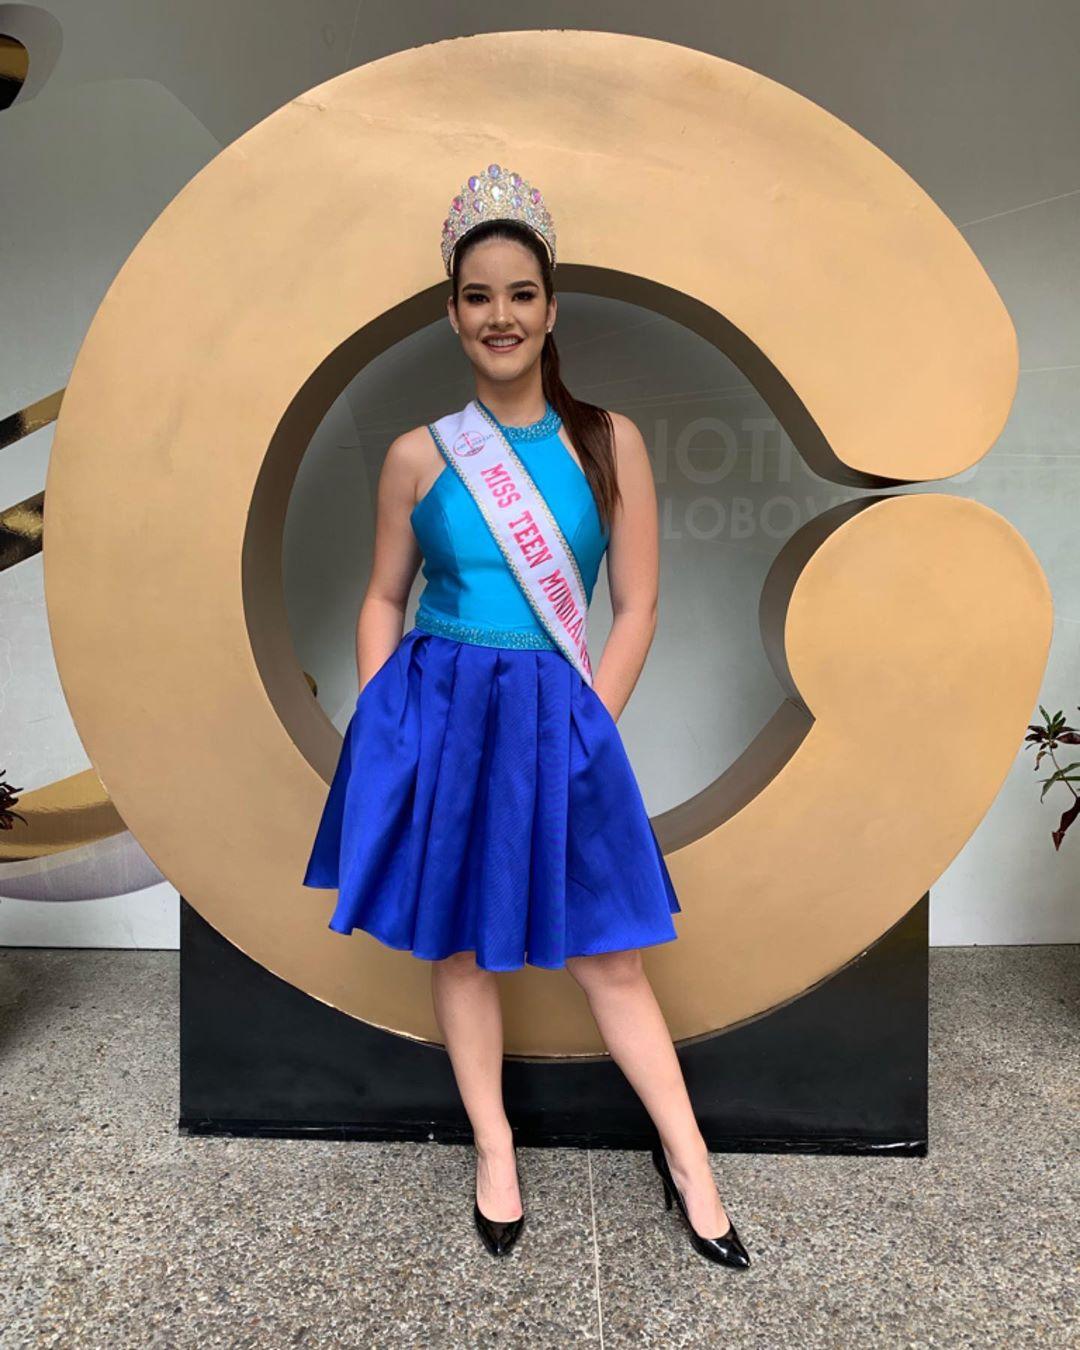 daniela di venere, top 12 de miss teen mundial 2019. 57257110